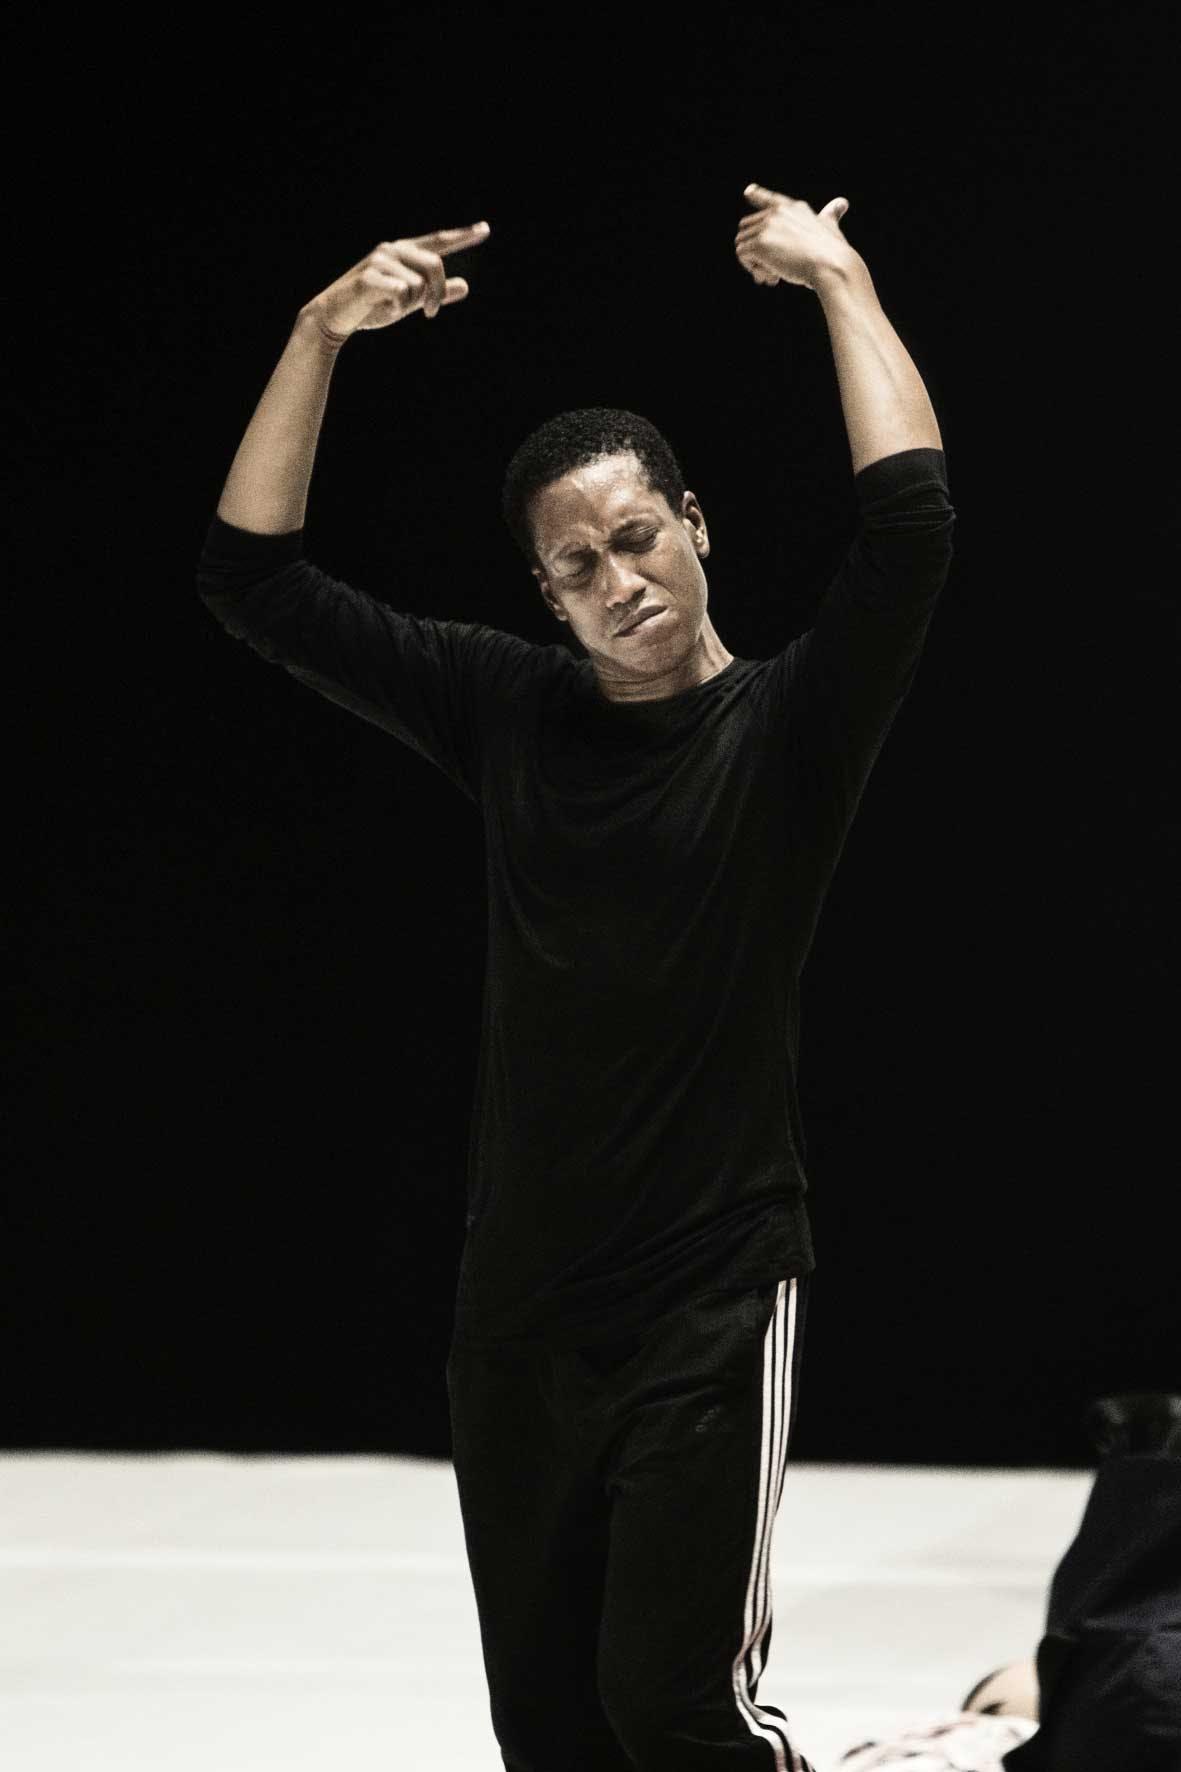 Spettacolo Dancer of the Year in occasione di FOG Triennale Milano Performative Arts, 2021 © Lorenza Daverio